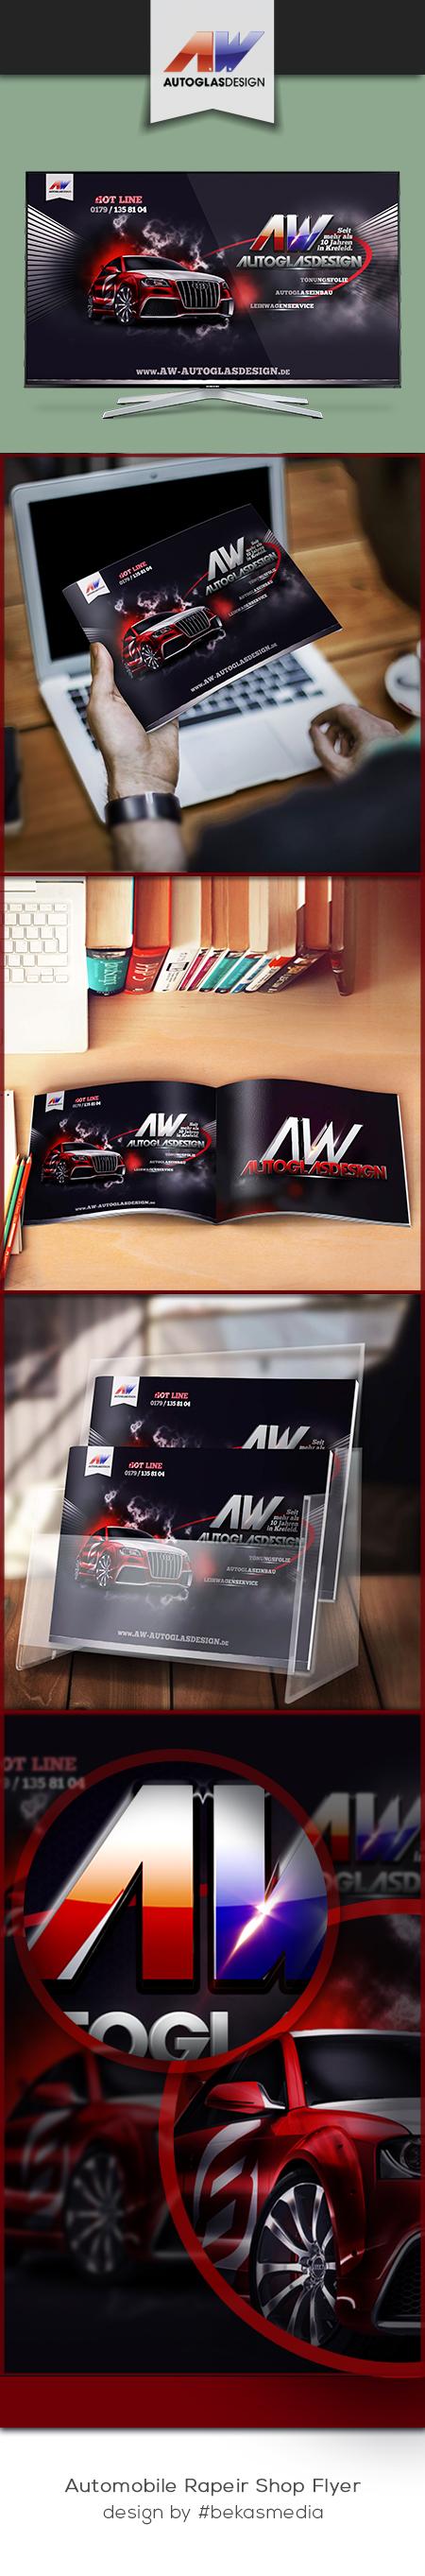 Modern #Automobile #RepairShop #Flyer. Designed by #bekasmedia ...